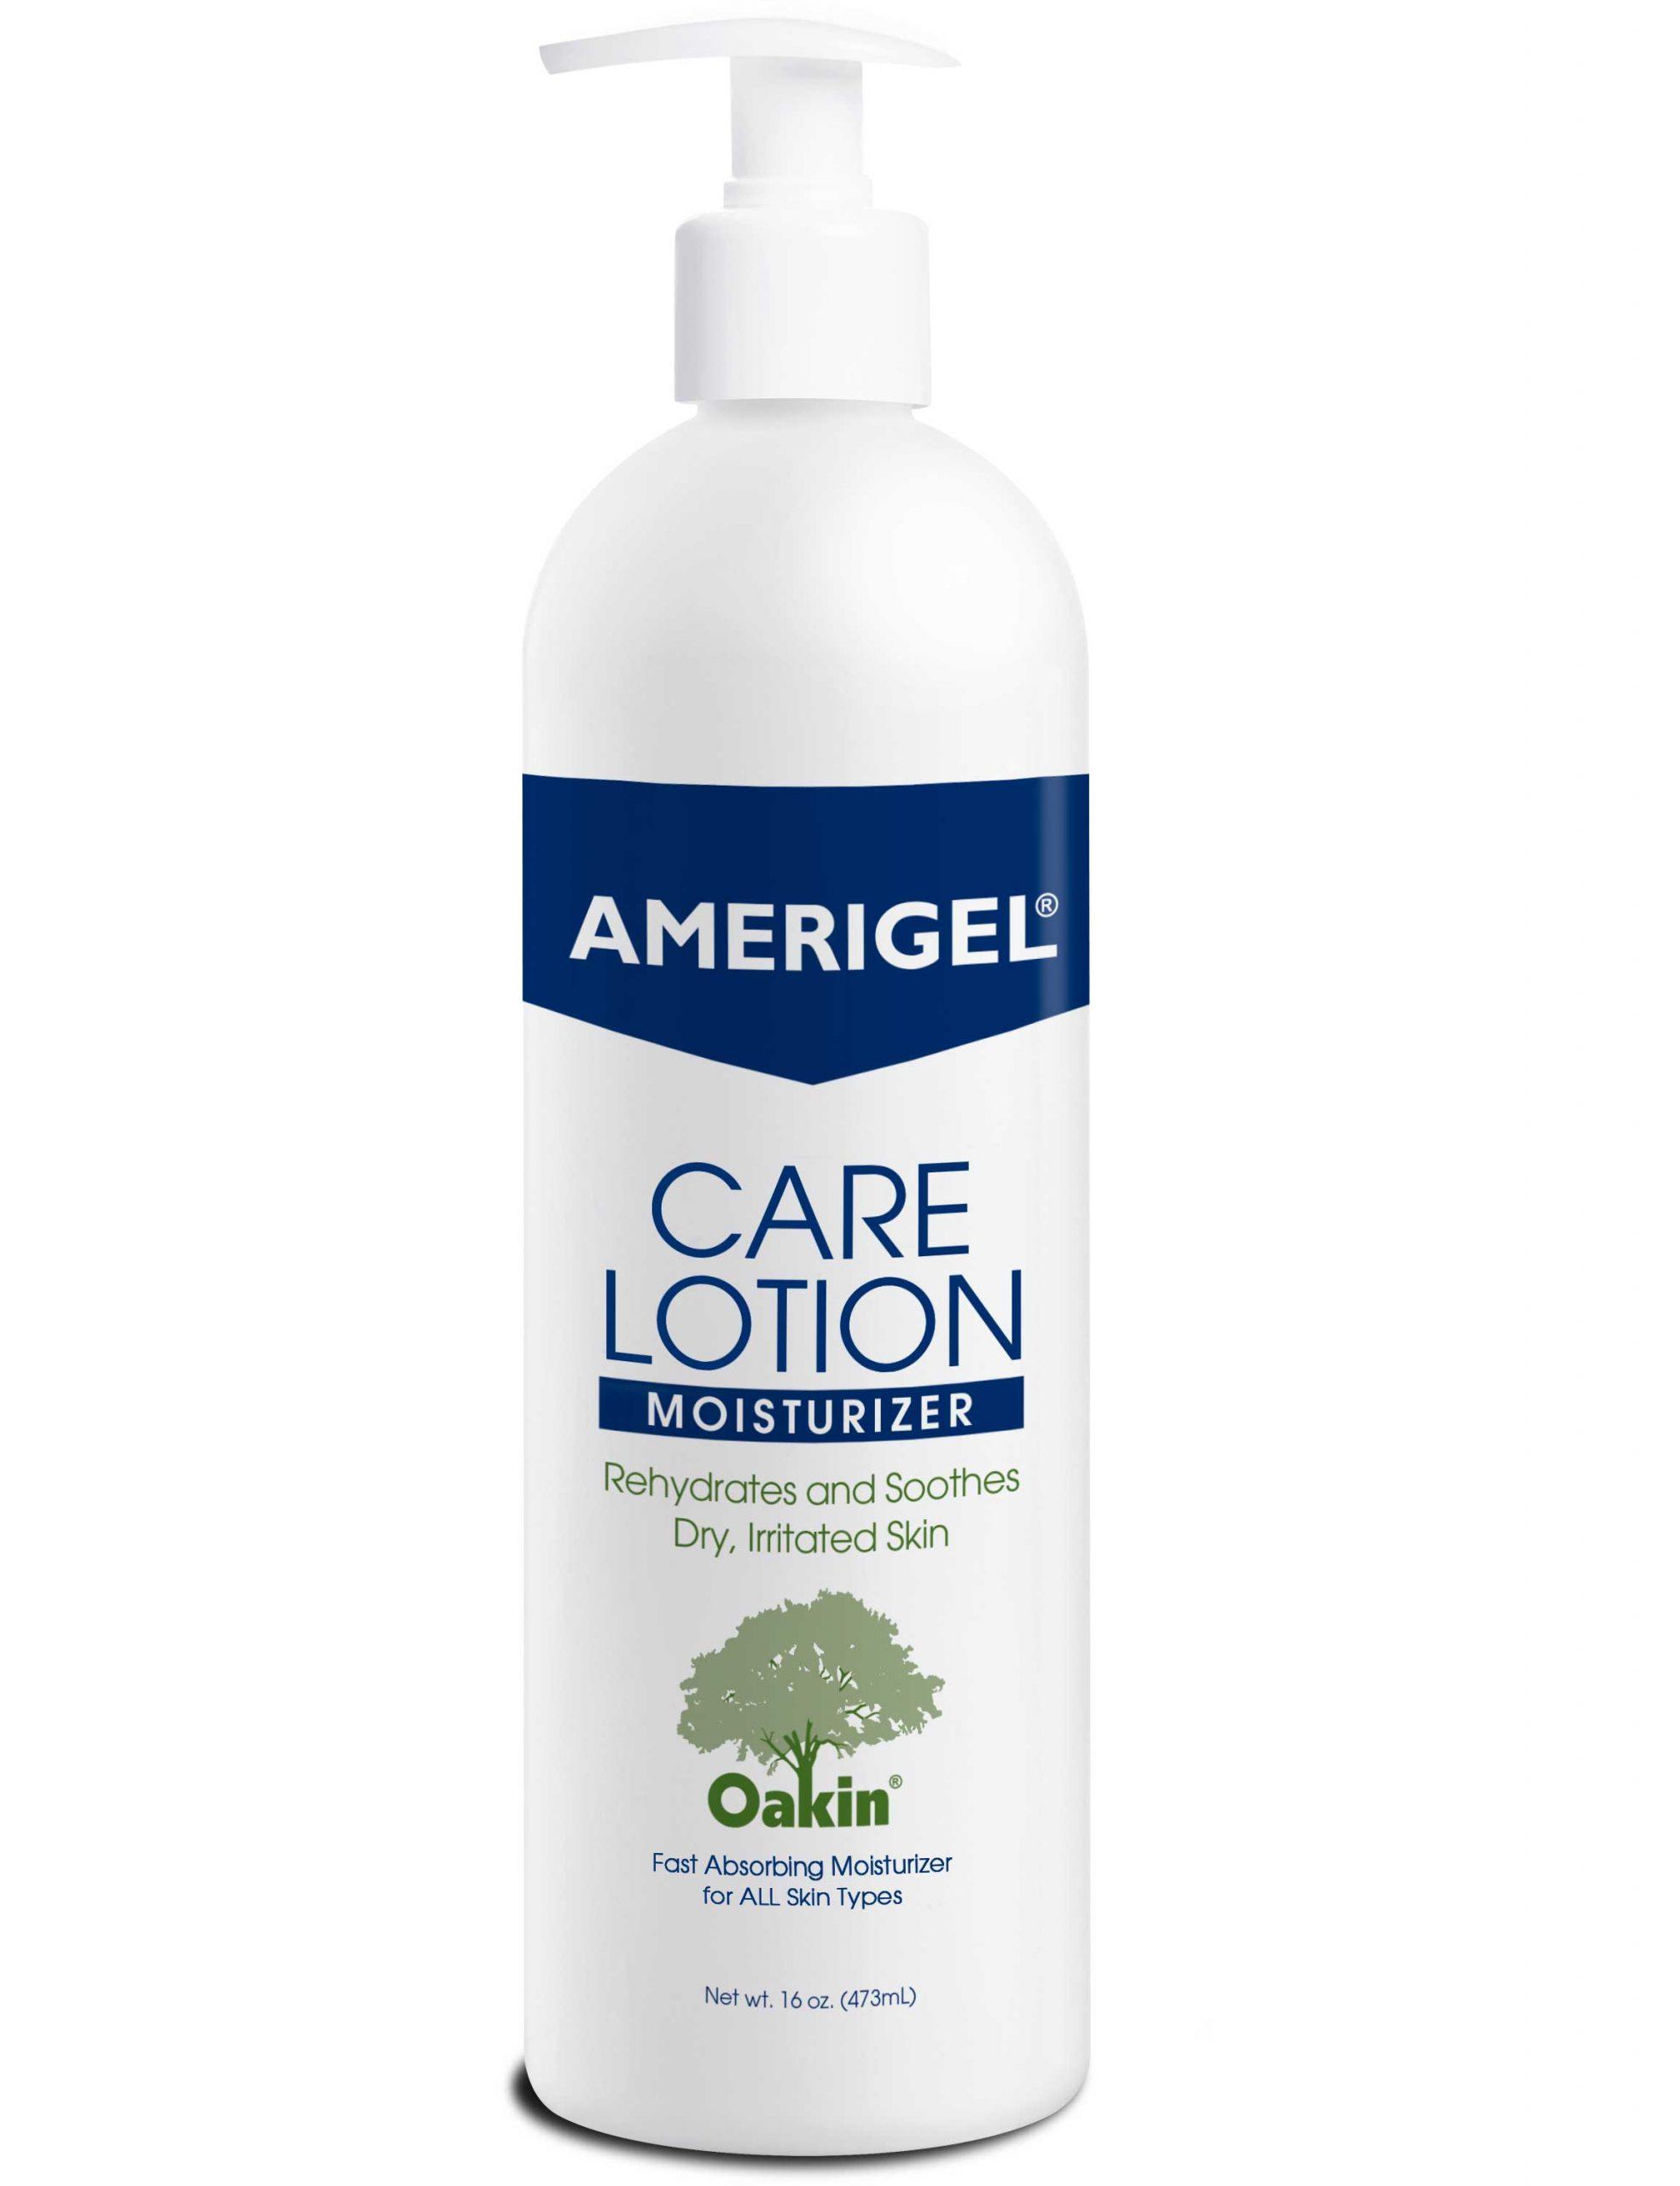 16 oz. pump bottle of AMERIGEL Care Lotion